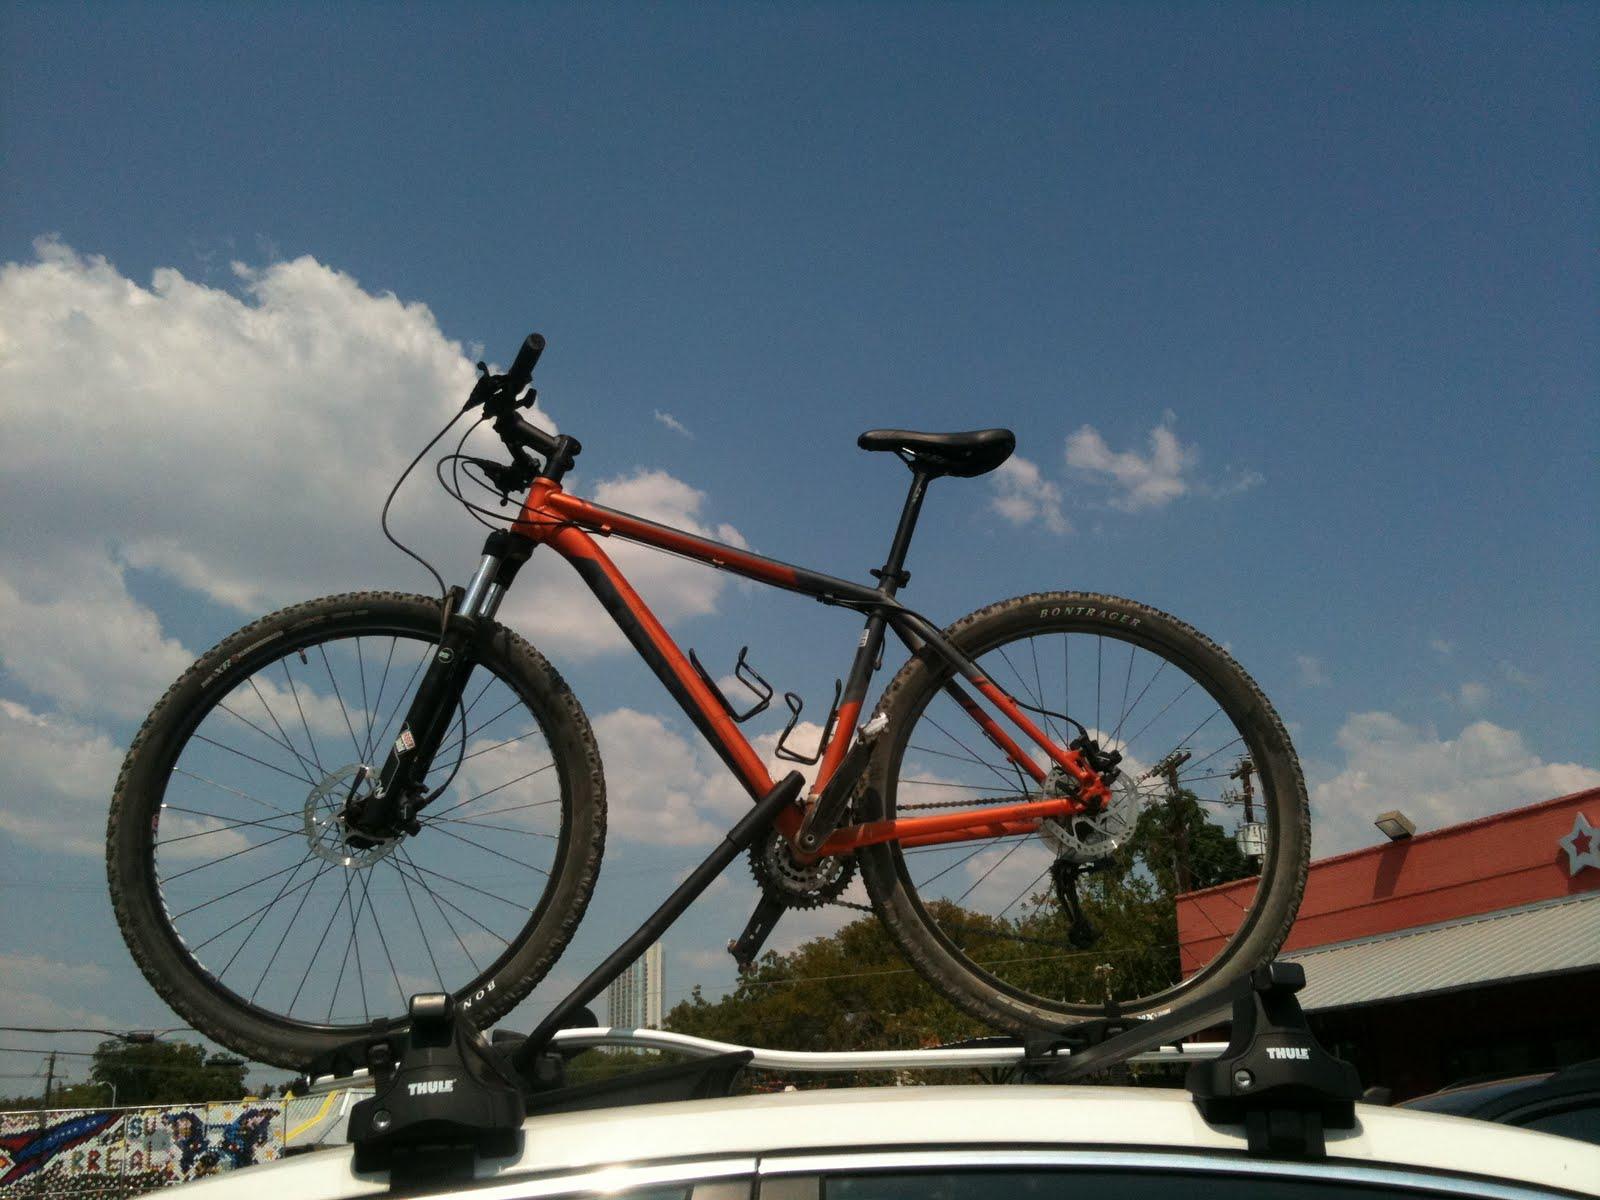 cycling hydraulic brakes 105 degree heat no bueno